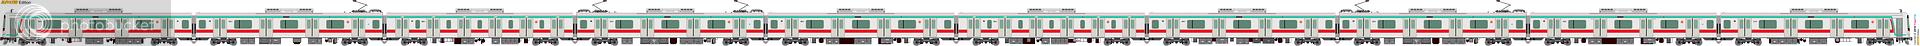 [5200] 東急電鐵 2200